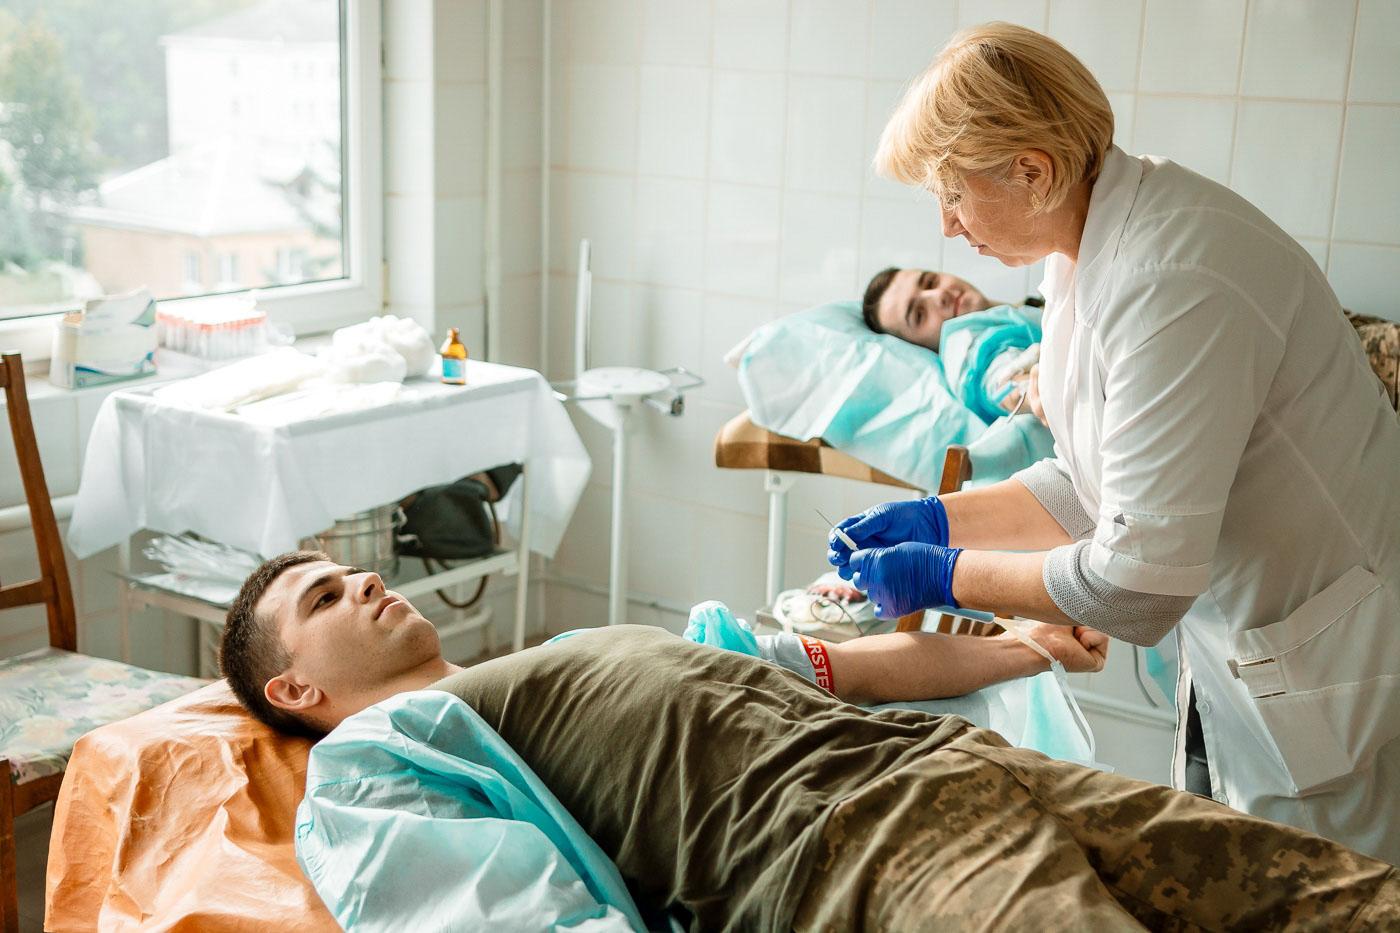 Аби врятувати життя: франківські студенти і викладачі поповнили банк крові (ФОТО)